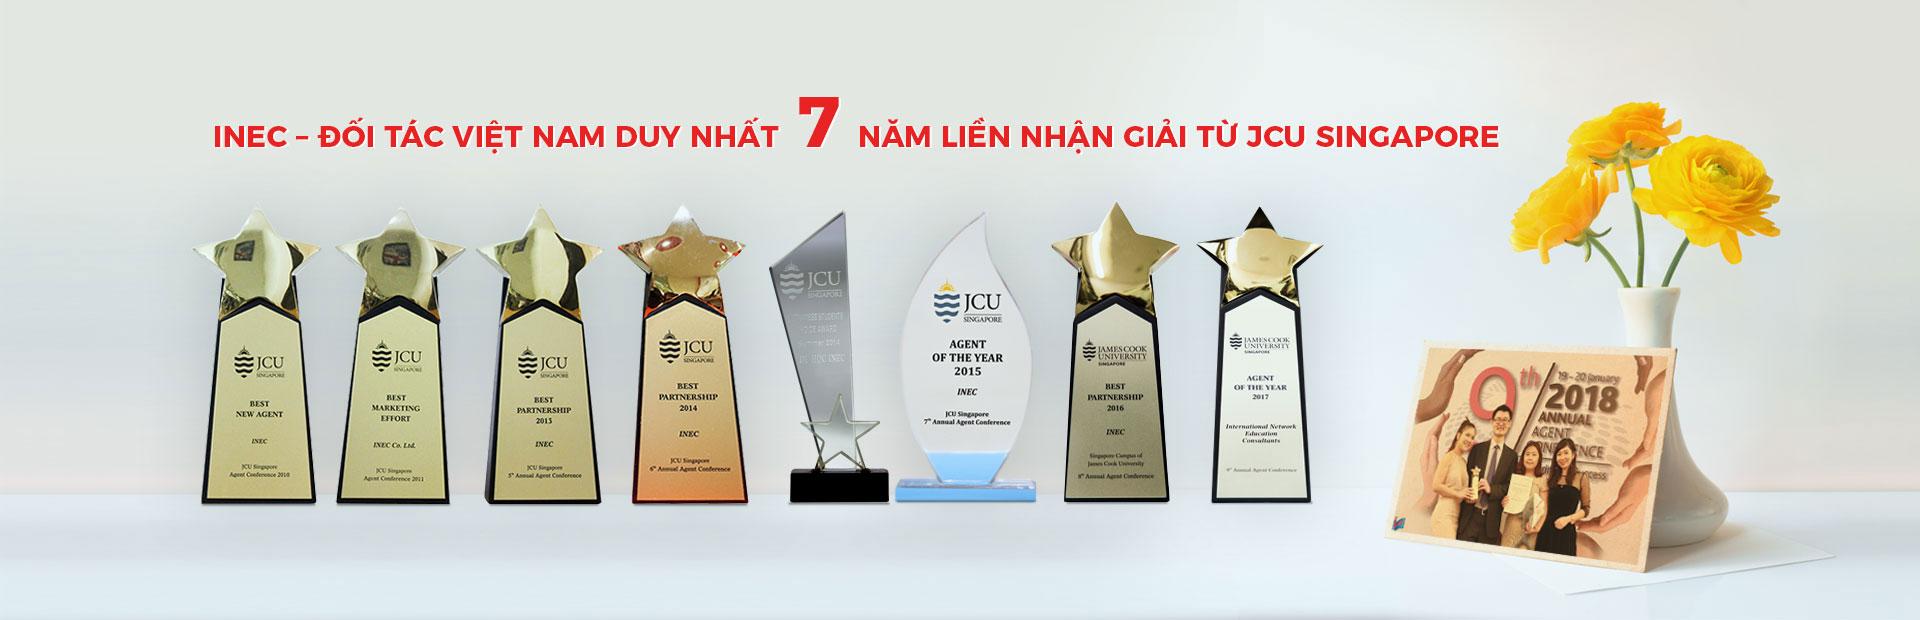 INEC nhận Giải thưởng JCU Singapore